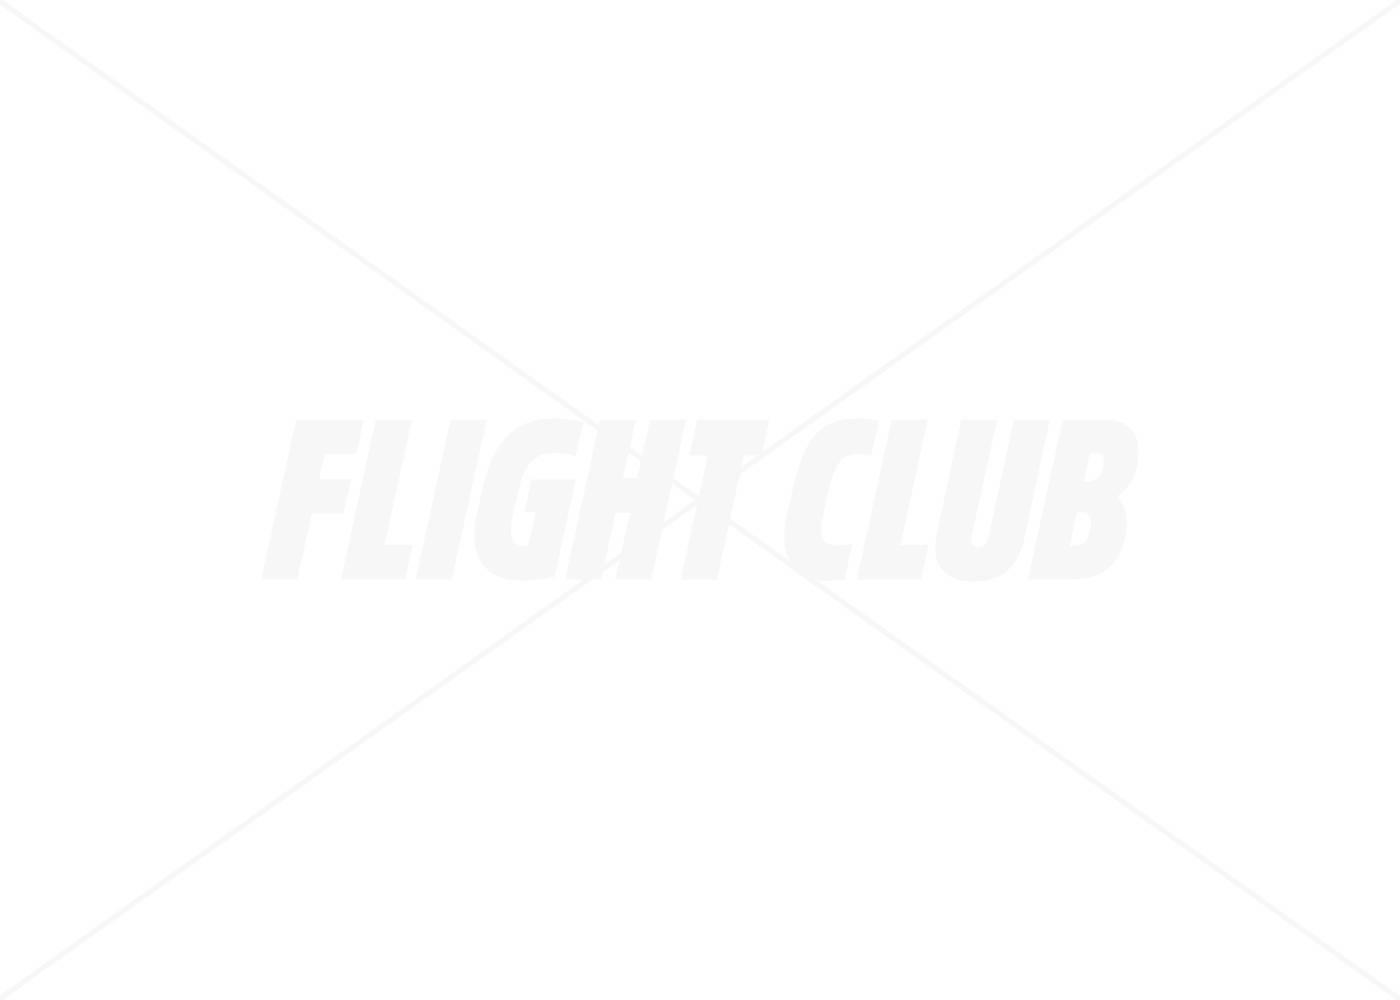 7d85d7b5a73 Air Jordan 1 Retro High Og Nrg